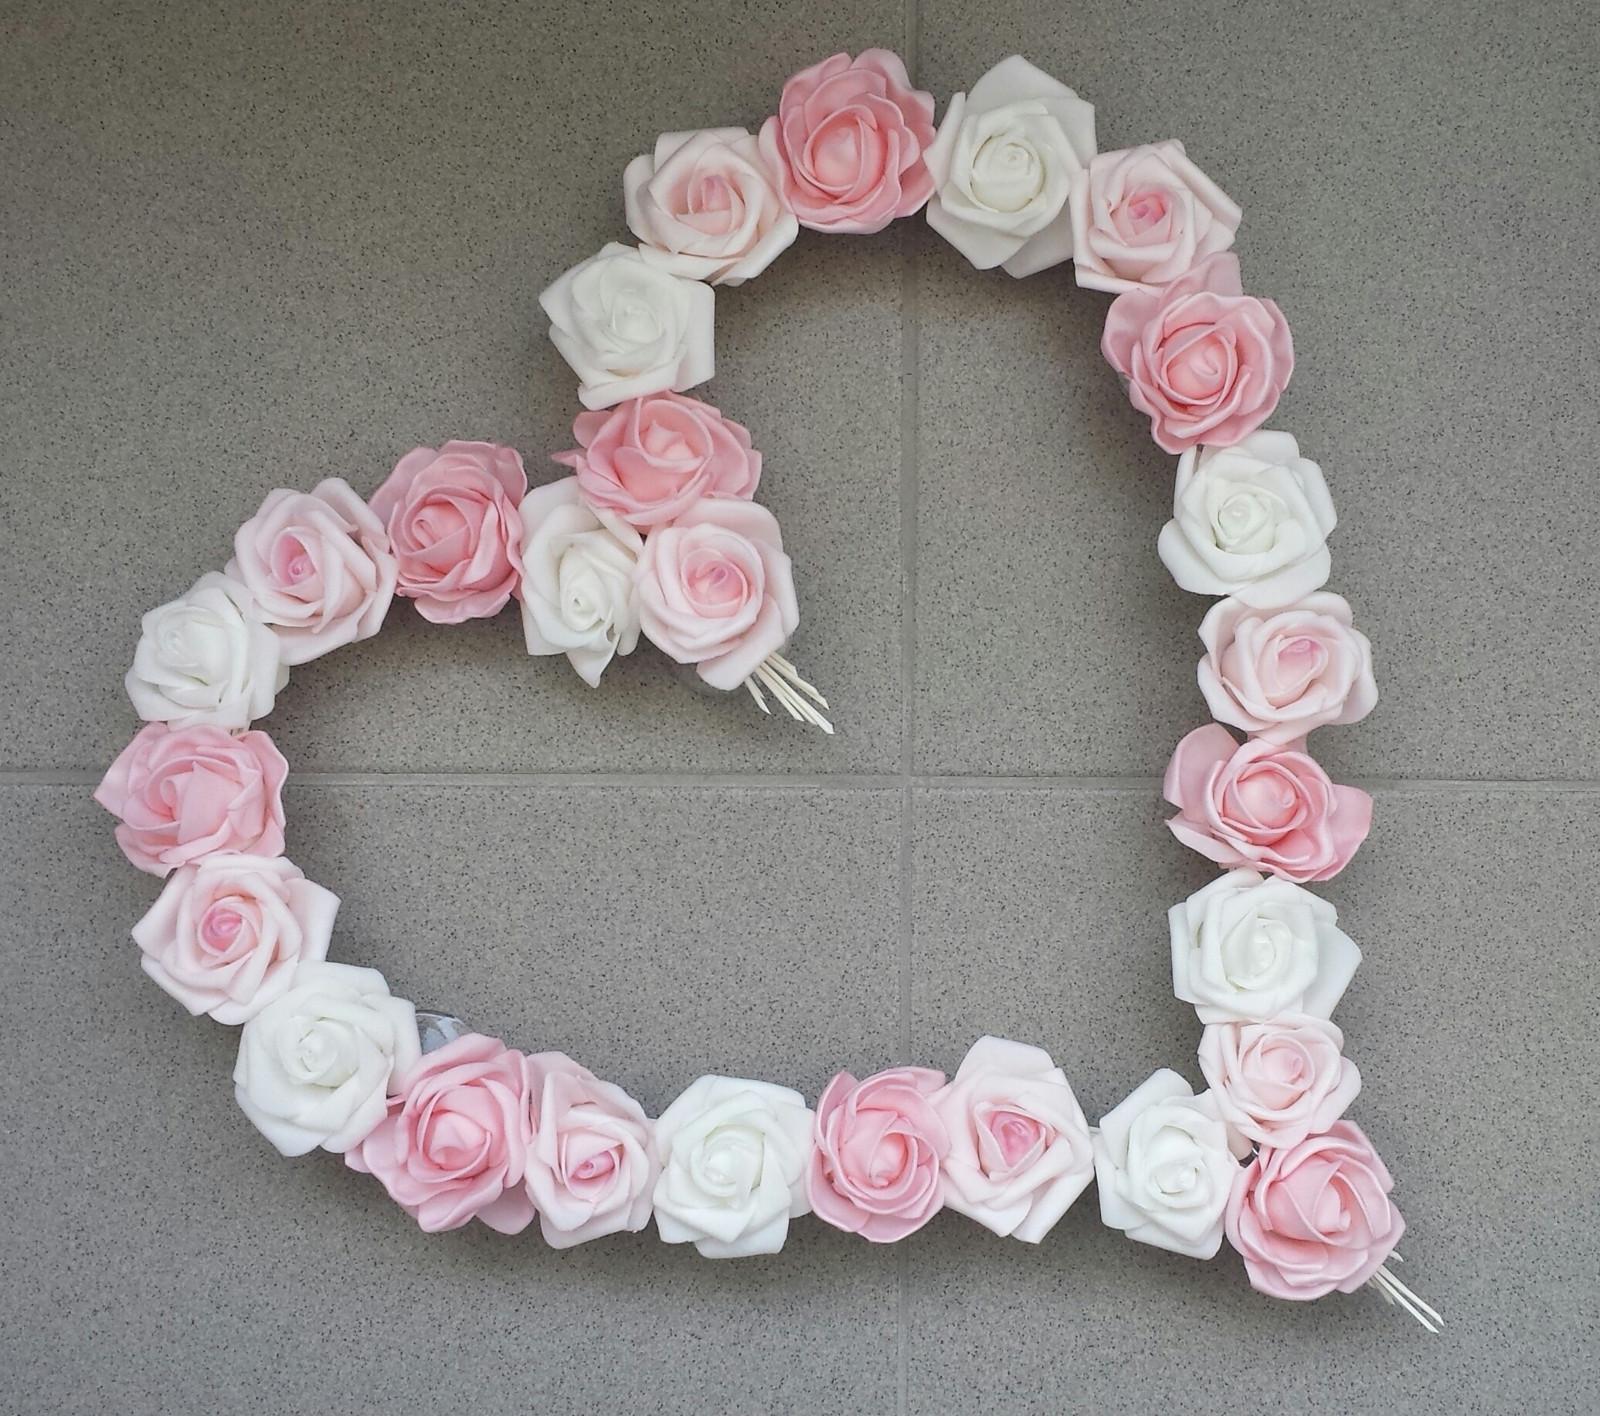 Pedigové srdce na kapotu bílé a růžové - Obrázek č. 1